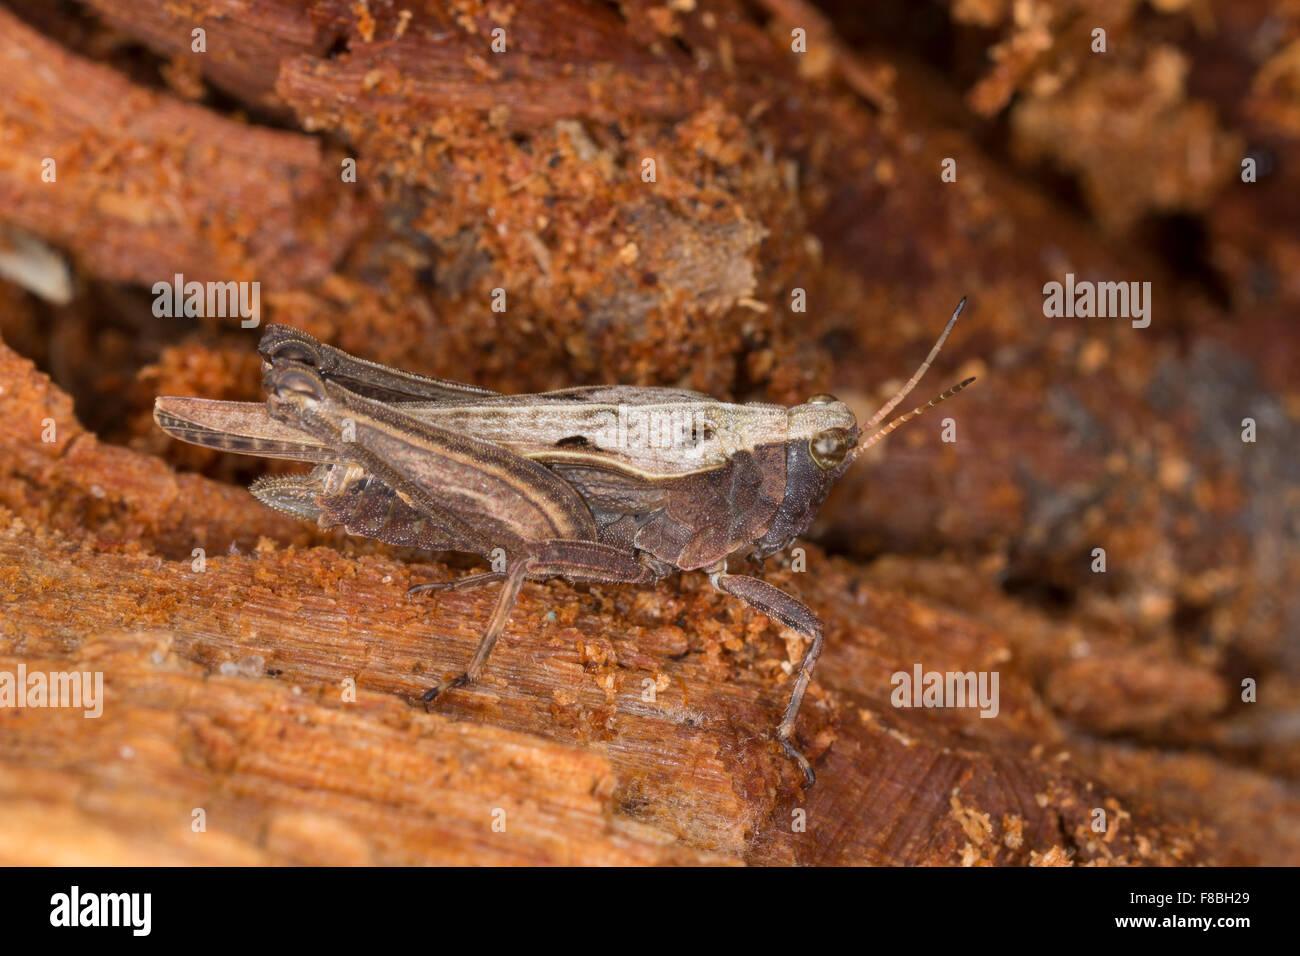 Slender Ground-hopper, Groundhopper, Säbel-Dornschrecke, Säbeldornschrecke, , Dornschrecke, Tetrix subulata, - Stock Image